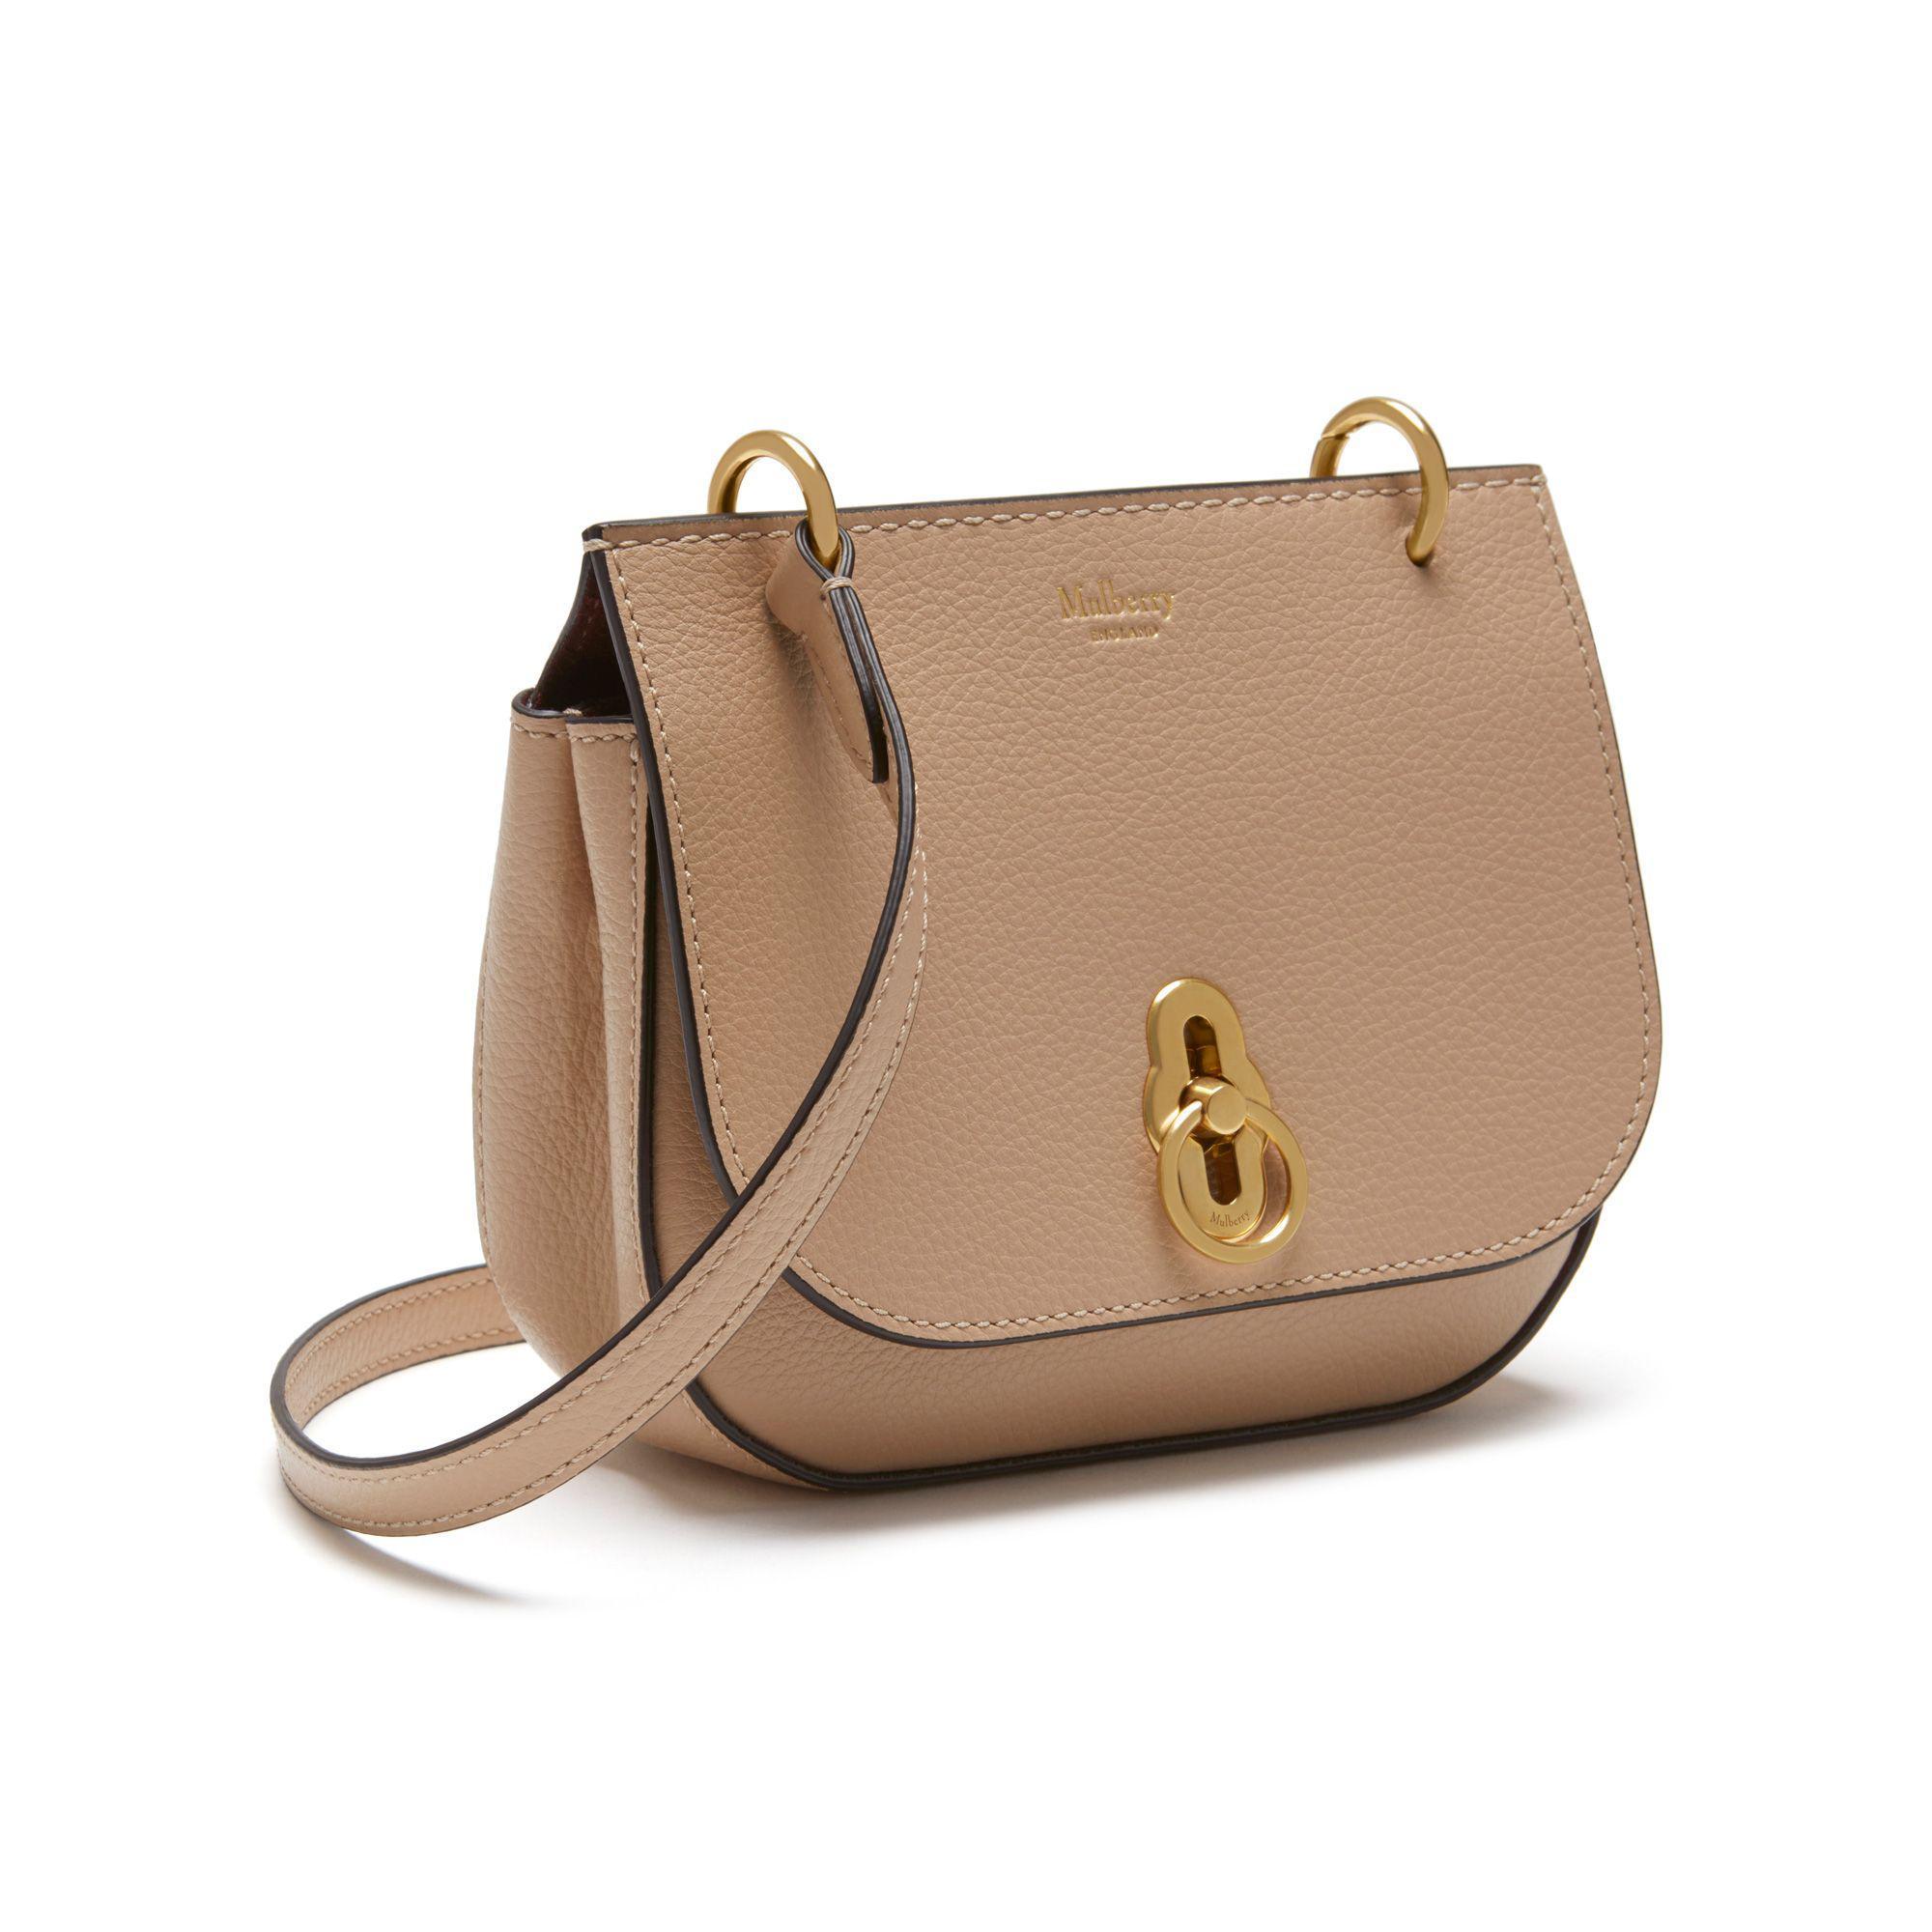 9e1c55328a ... canada lyst mulberry mini amberley satchel in black 0e0ce 6fd61